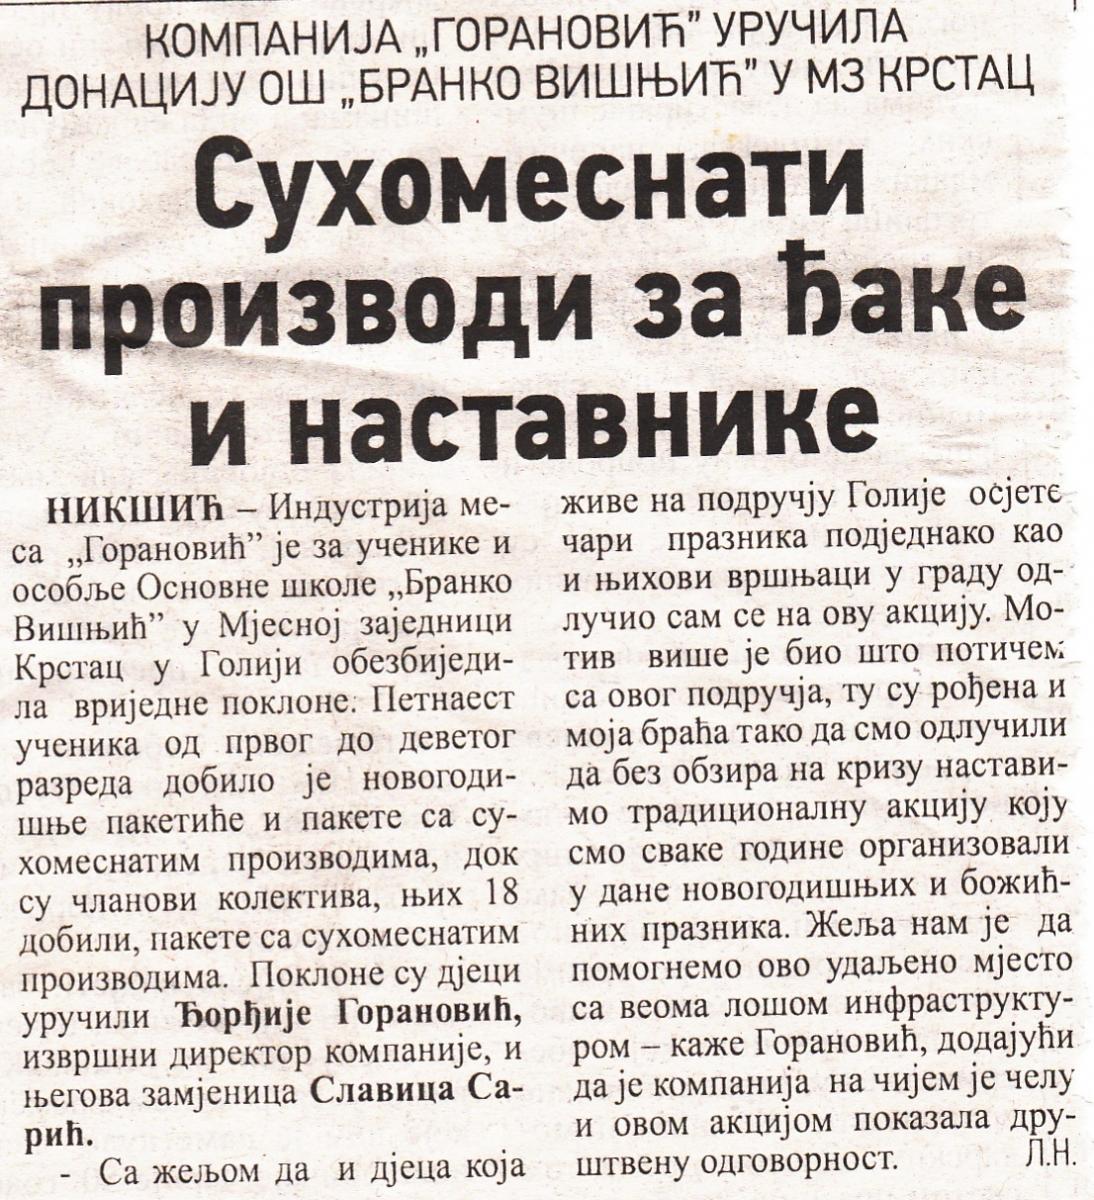 """Posjeta Osnovnoj školi """"Branko Višnjić"""" Krstac  u Goliji"""